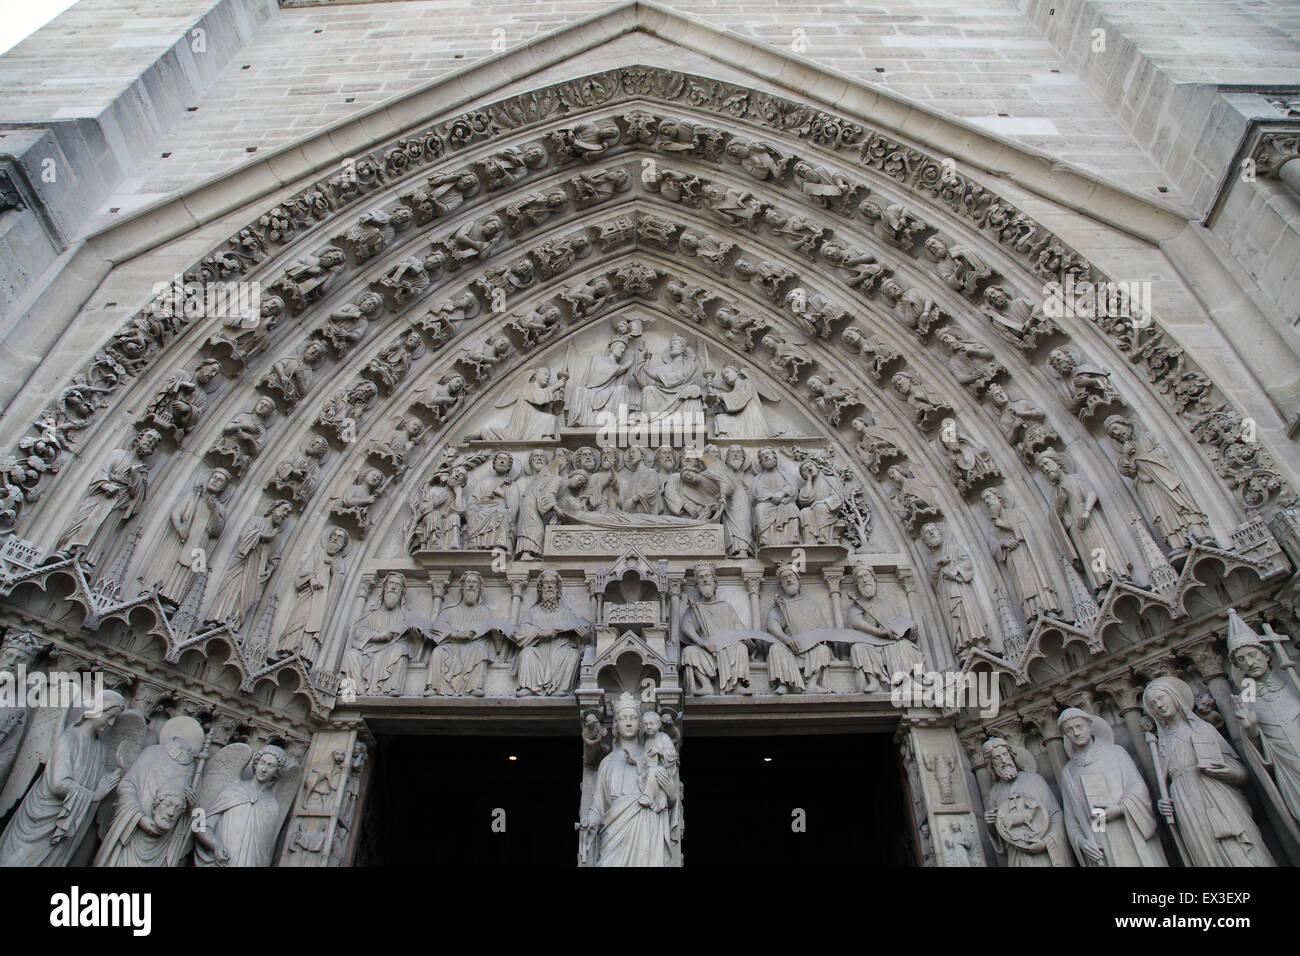 Notre-Dame de Paris.Exterior Sculptures Notre-Dame Cathedral.Notre-Dame Paris France - Stock Image